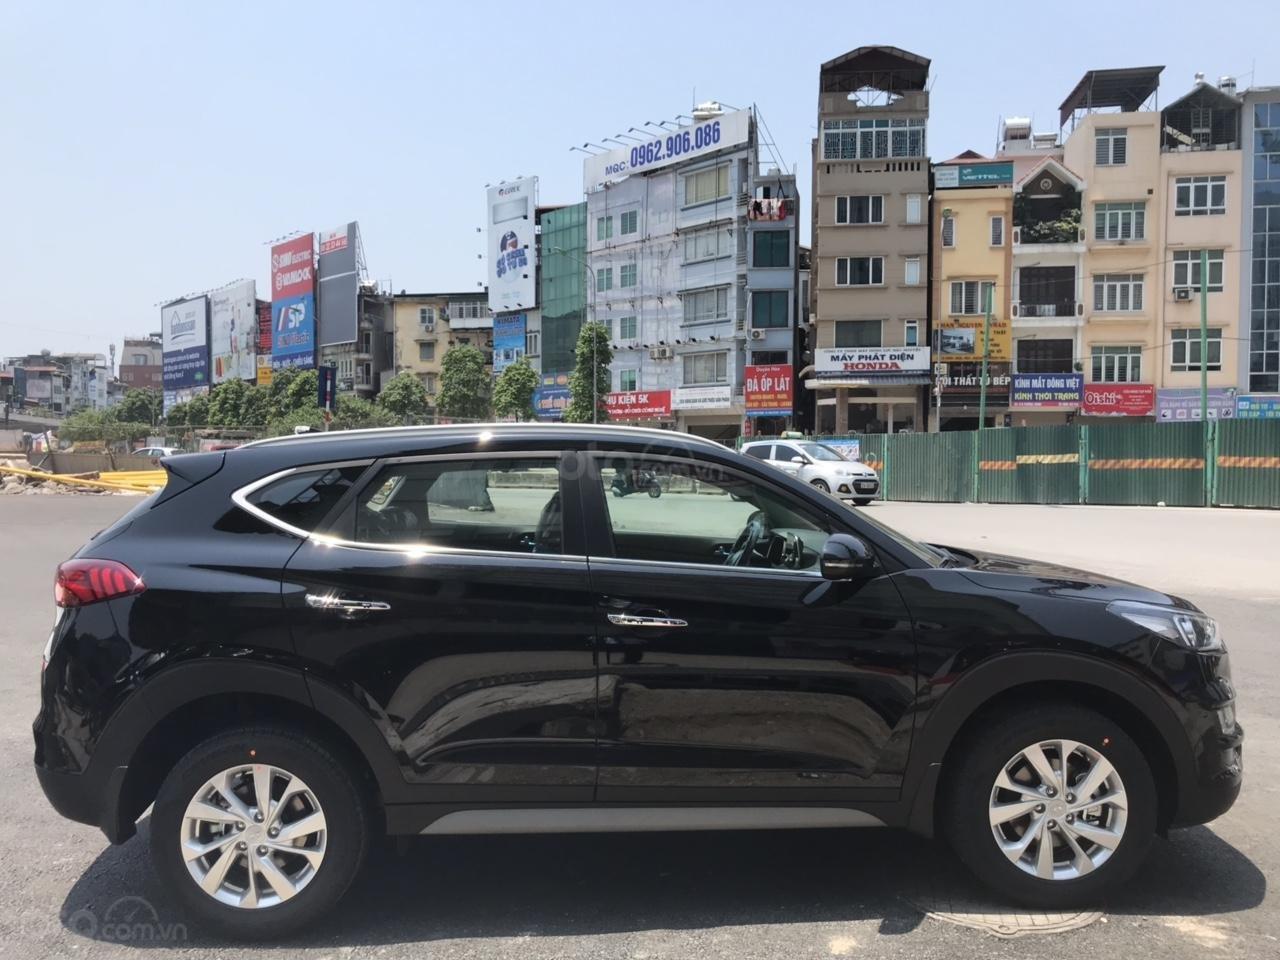 Hyundai Tucson 2019, khuyến mại phụ kiện 15tr, thẻ dịch vụ 20tr, trả góp 80%, giao xe ngay, liên hệ để ép giá 0977308699-1